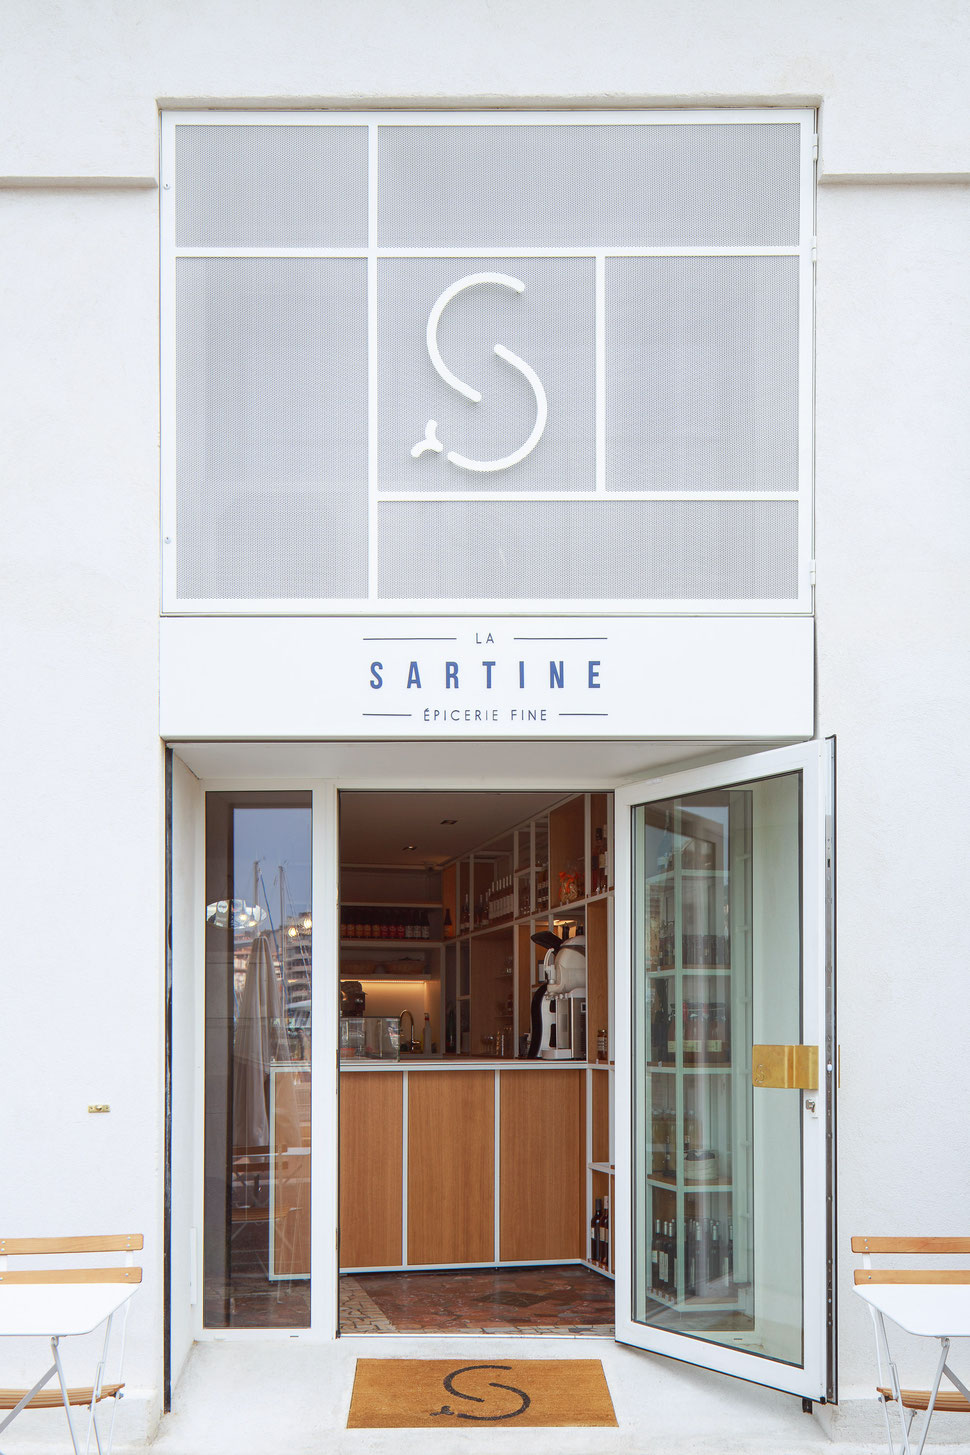 bertrand guillon architecture - architecte - marseille - SARTINE - épicerie - métal déployé - façade - vieux port - poignée laiton - fermob